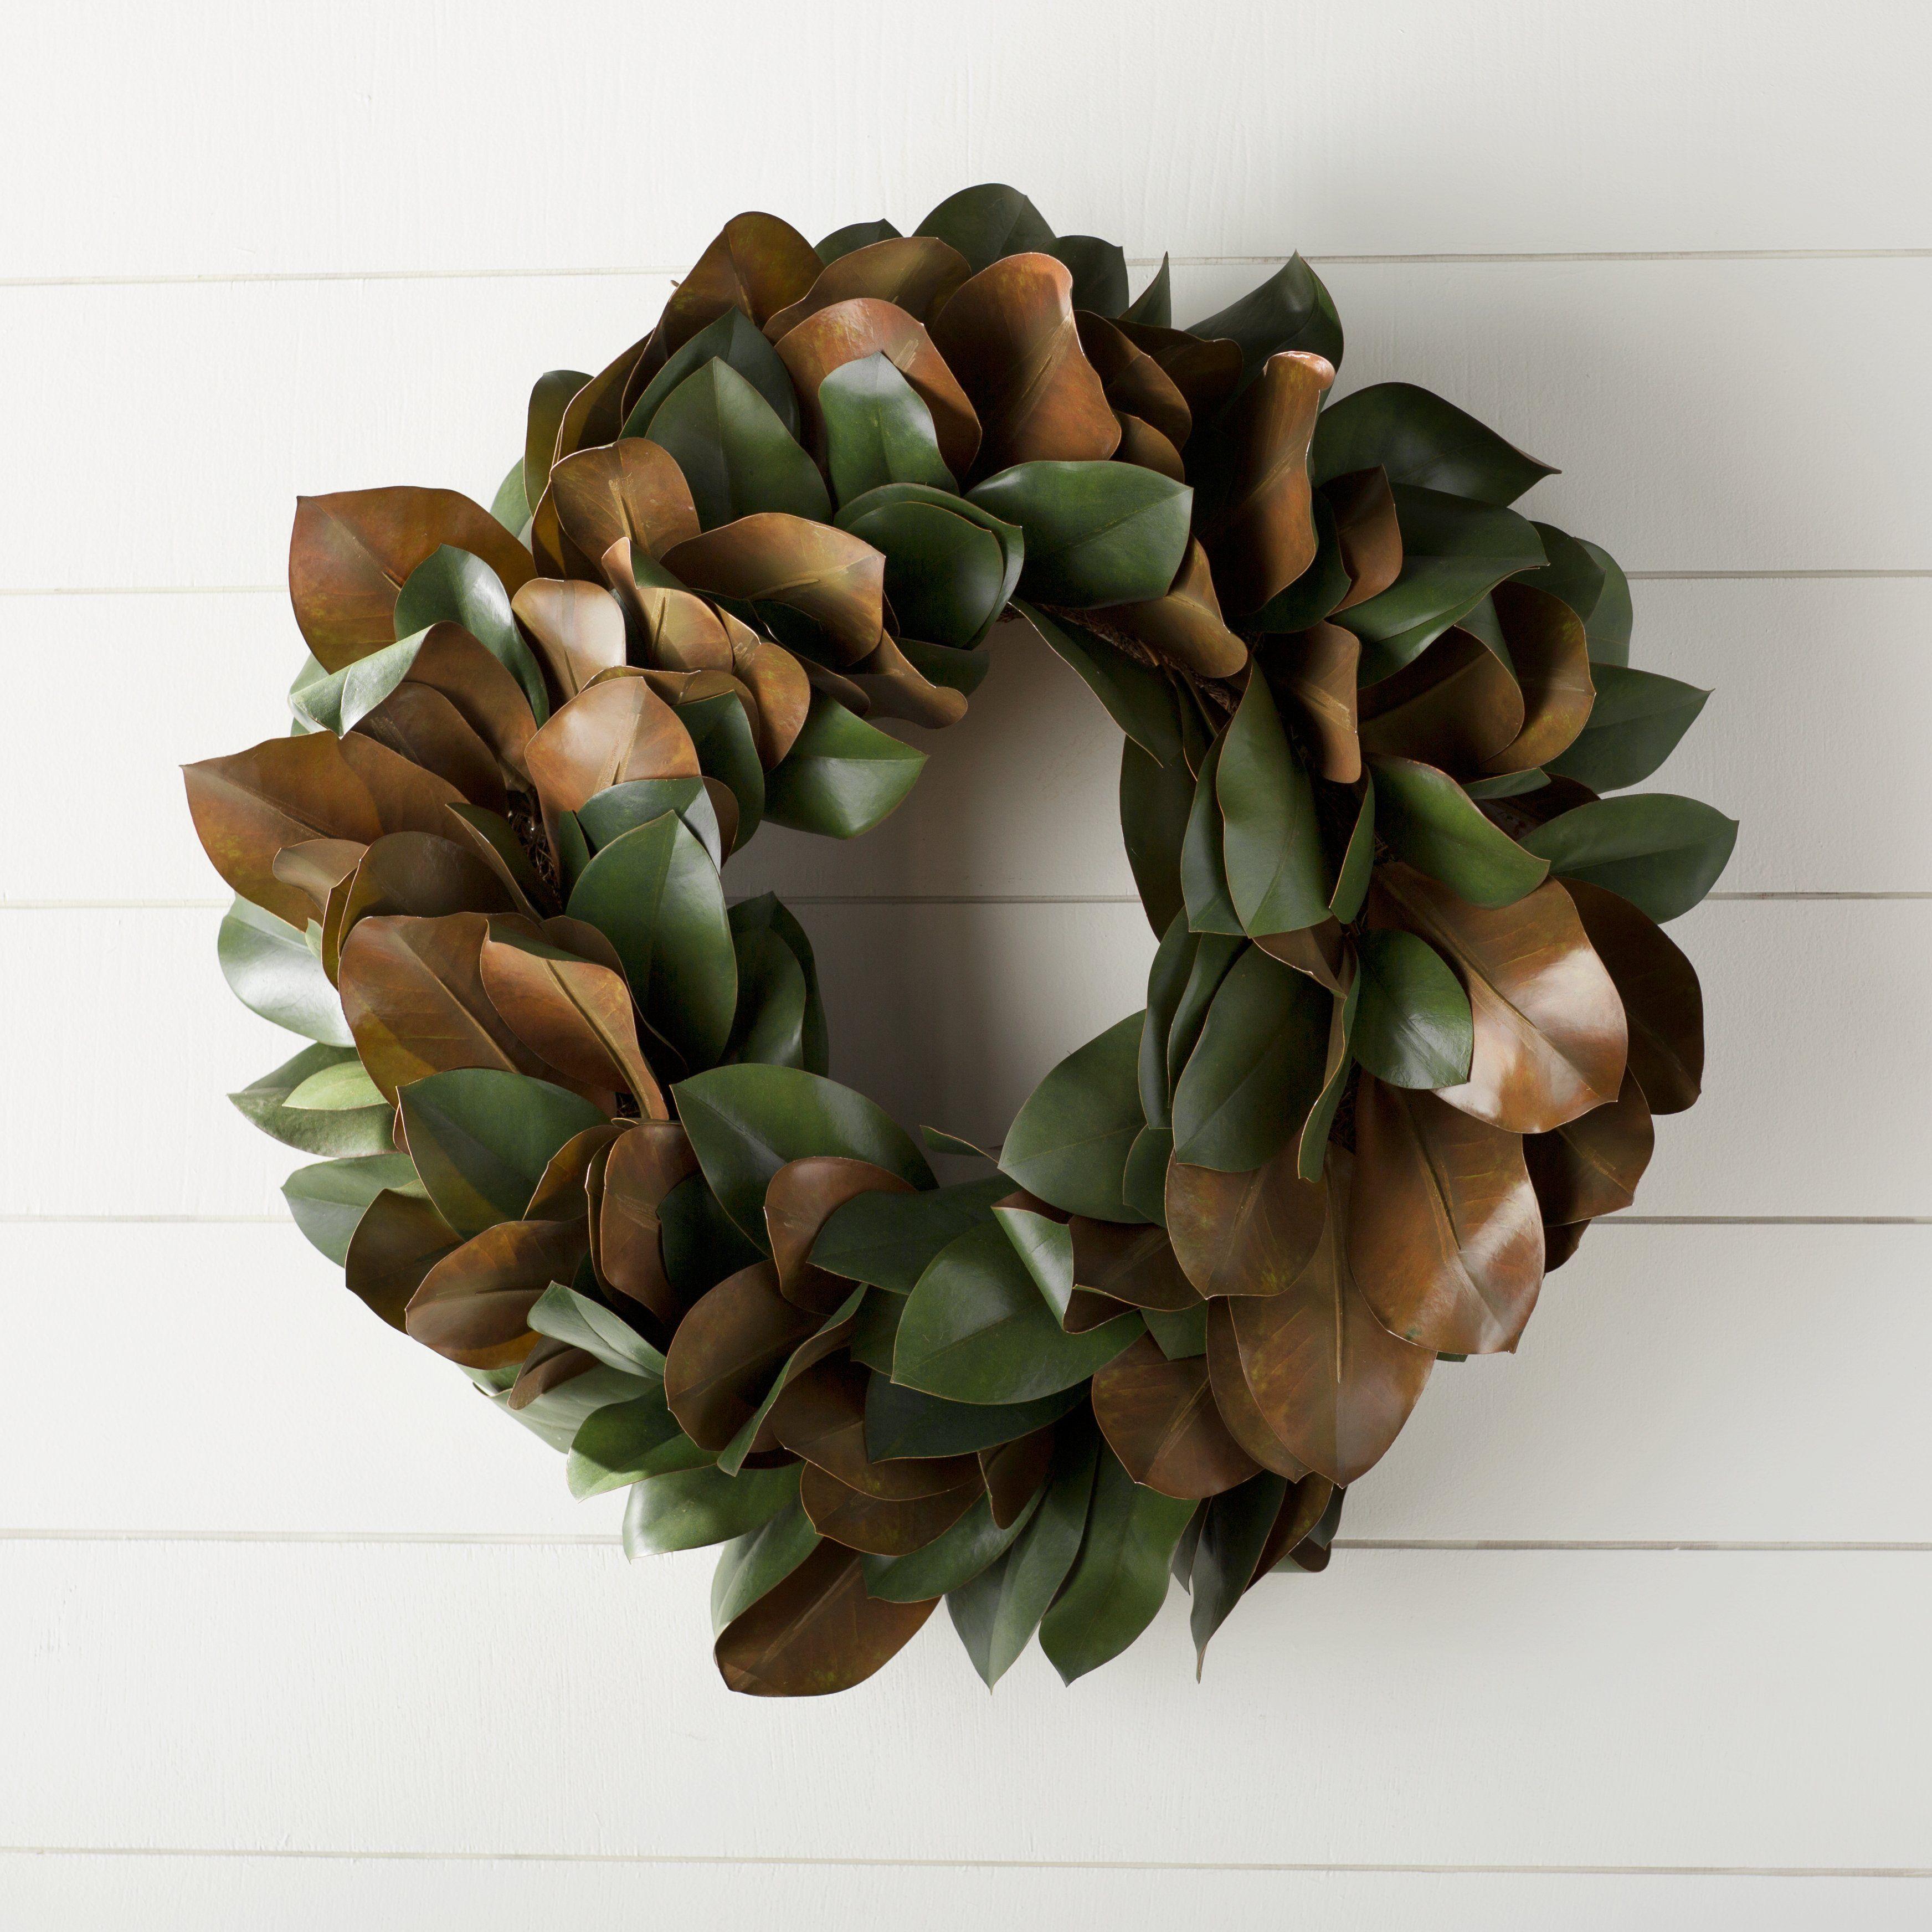 Laurel Foundry Modern Farmhouse™ Gilt Magnolia Leaf Wreath